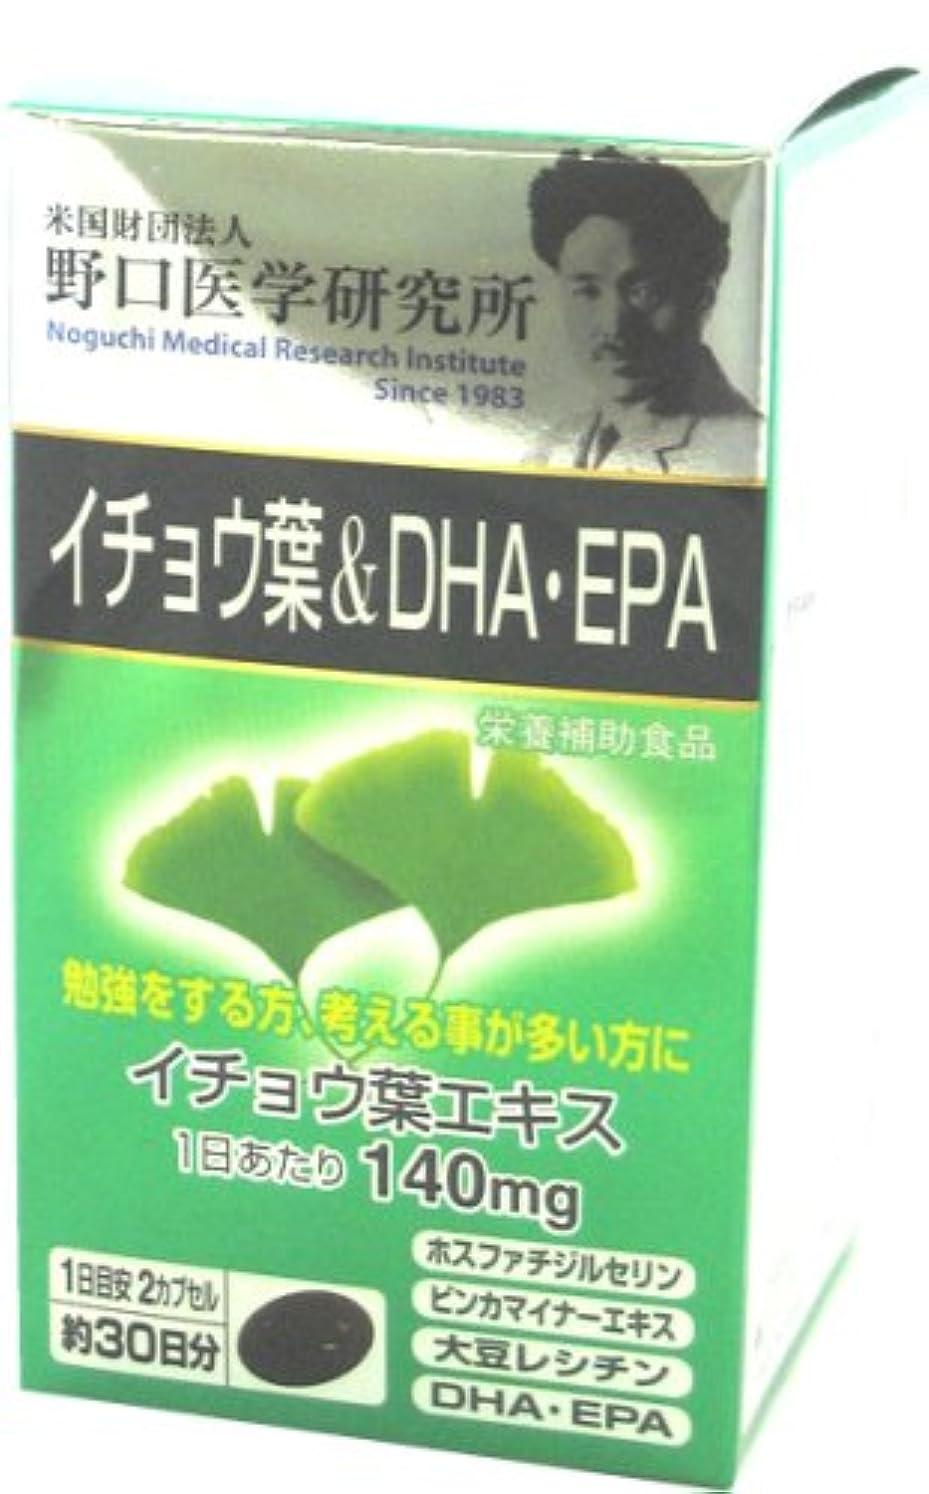 昼食十政令明治薬品 イチョウ葉&DHA?EPA 470mg×60カプセル